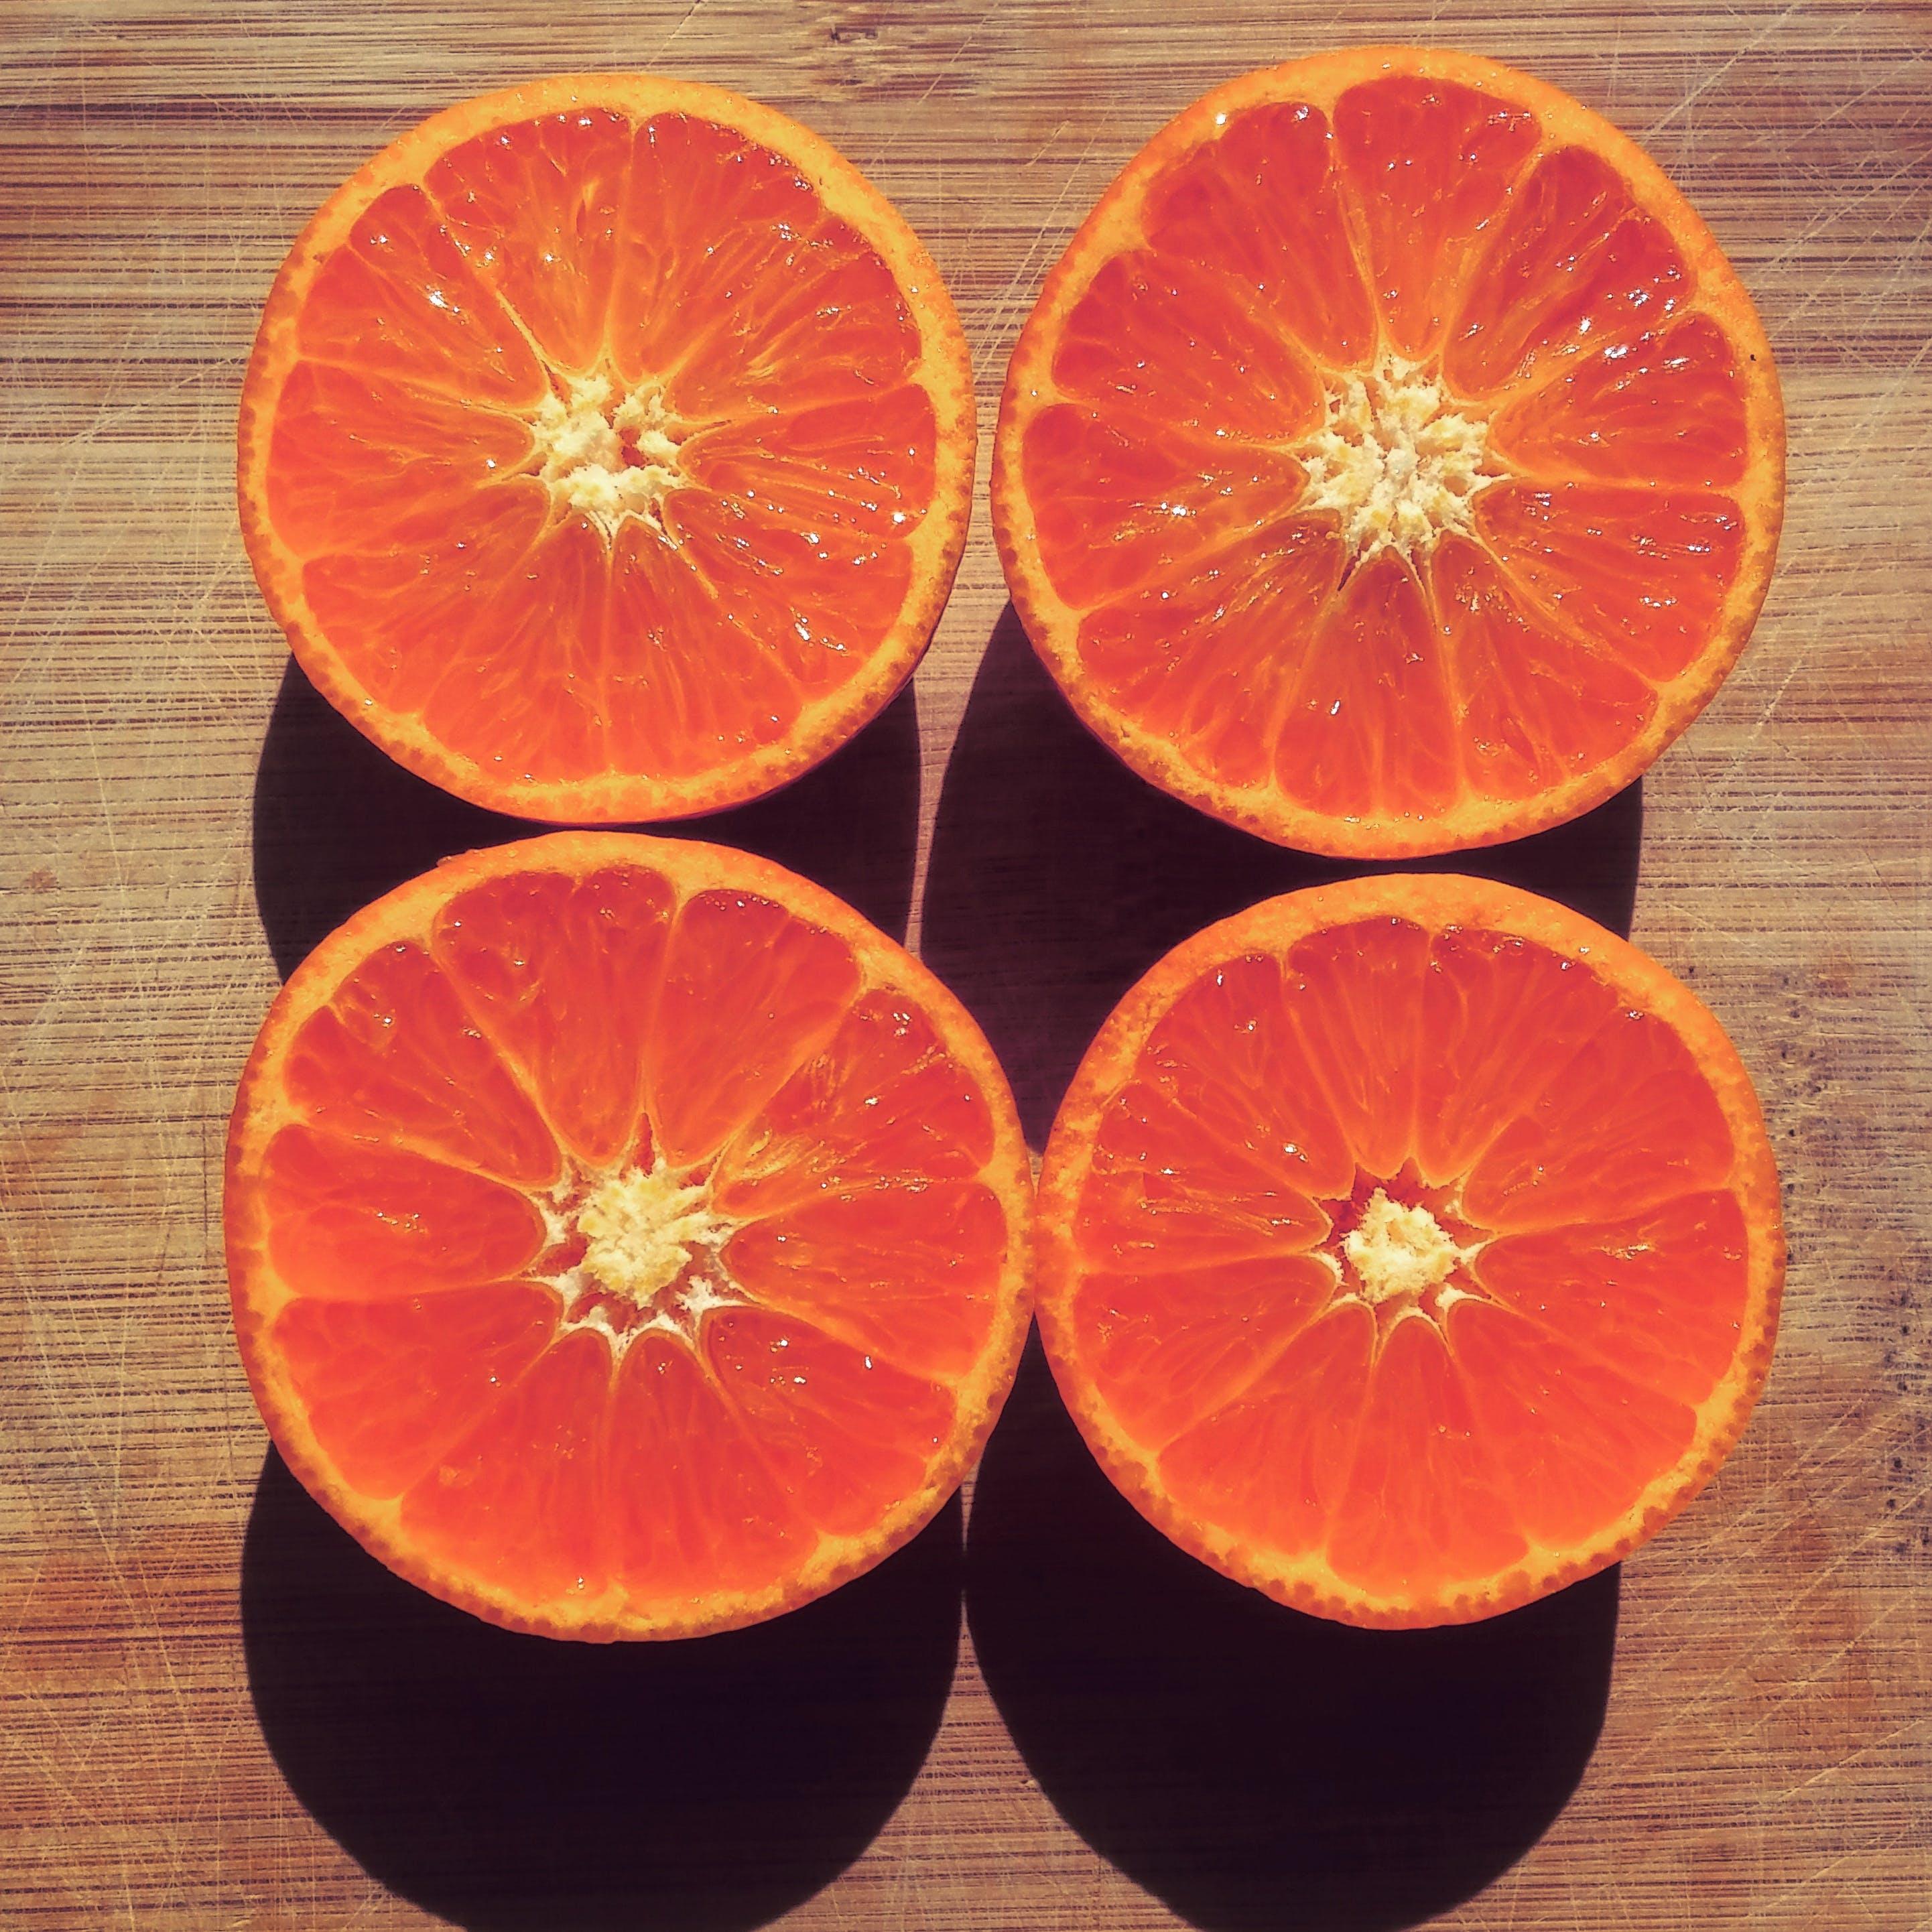 Gratis lagerfoto af appelsin, appelsiner, Citrus, frisk frugt